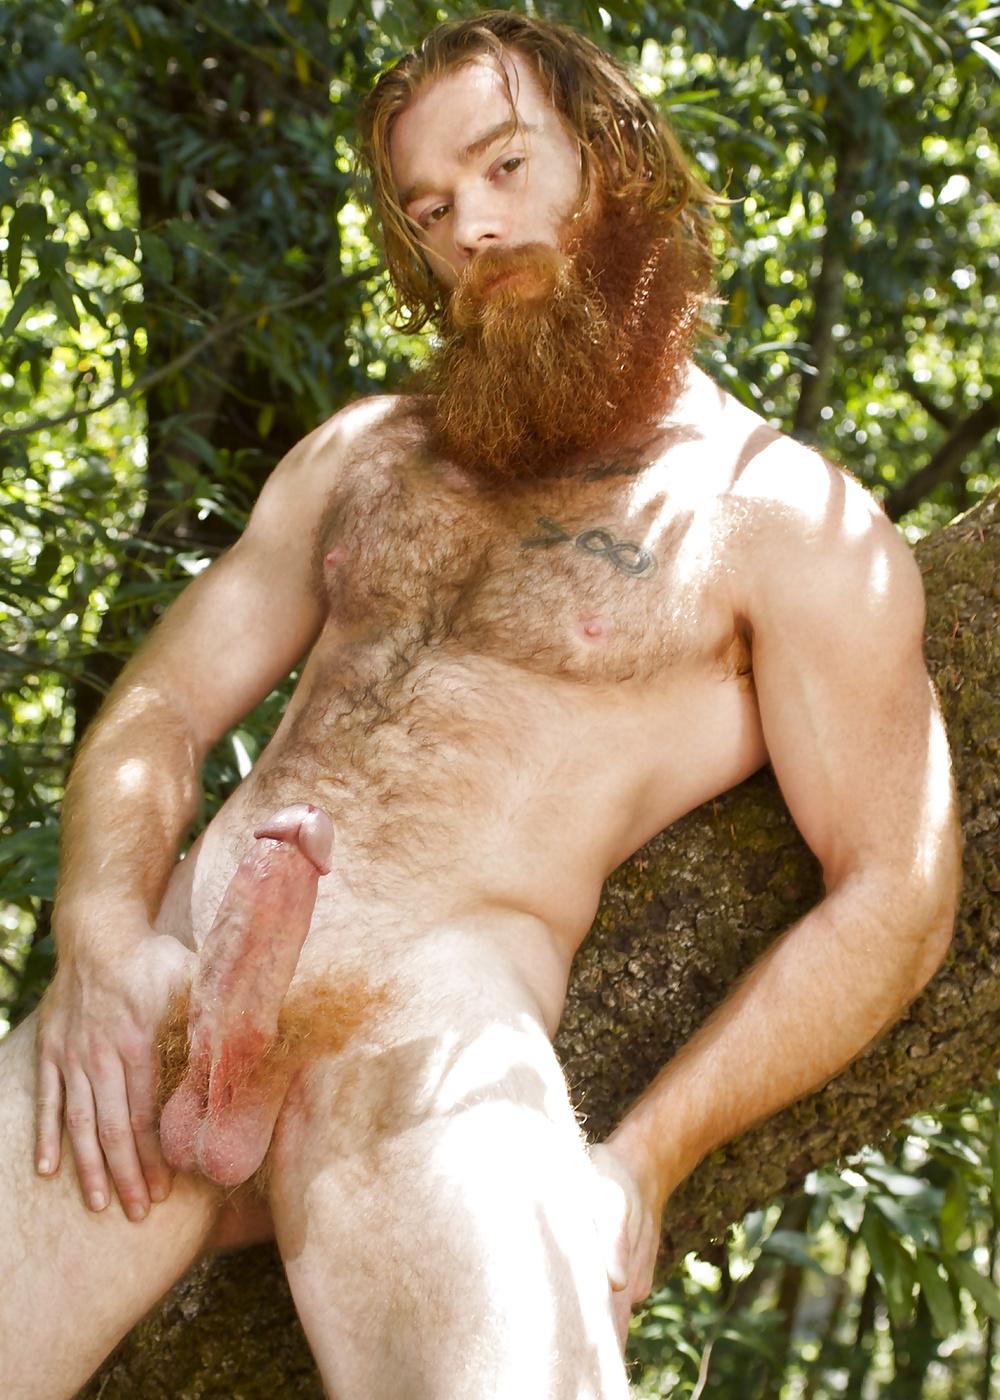 мужики с бородой порно маленькой грудью